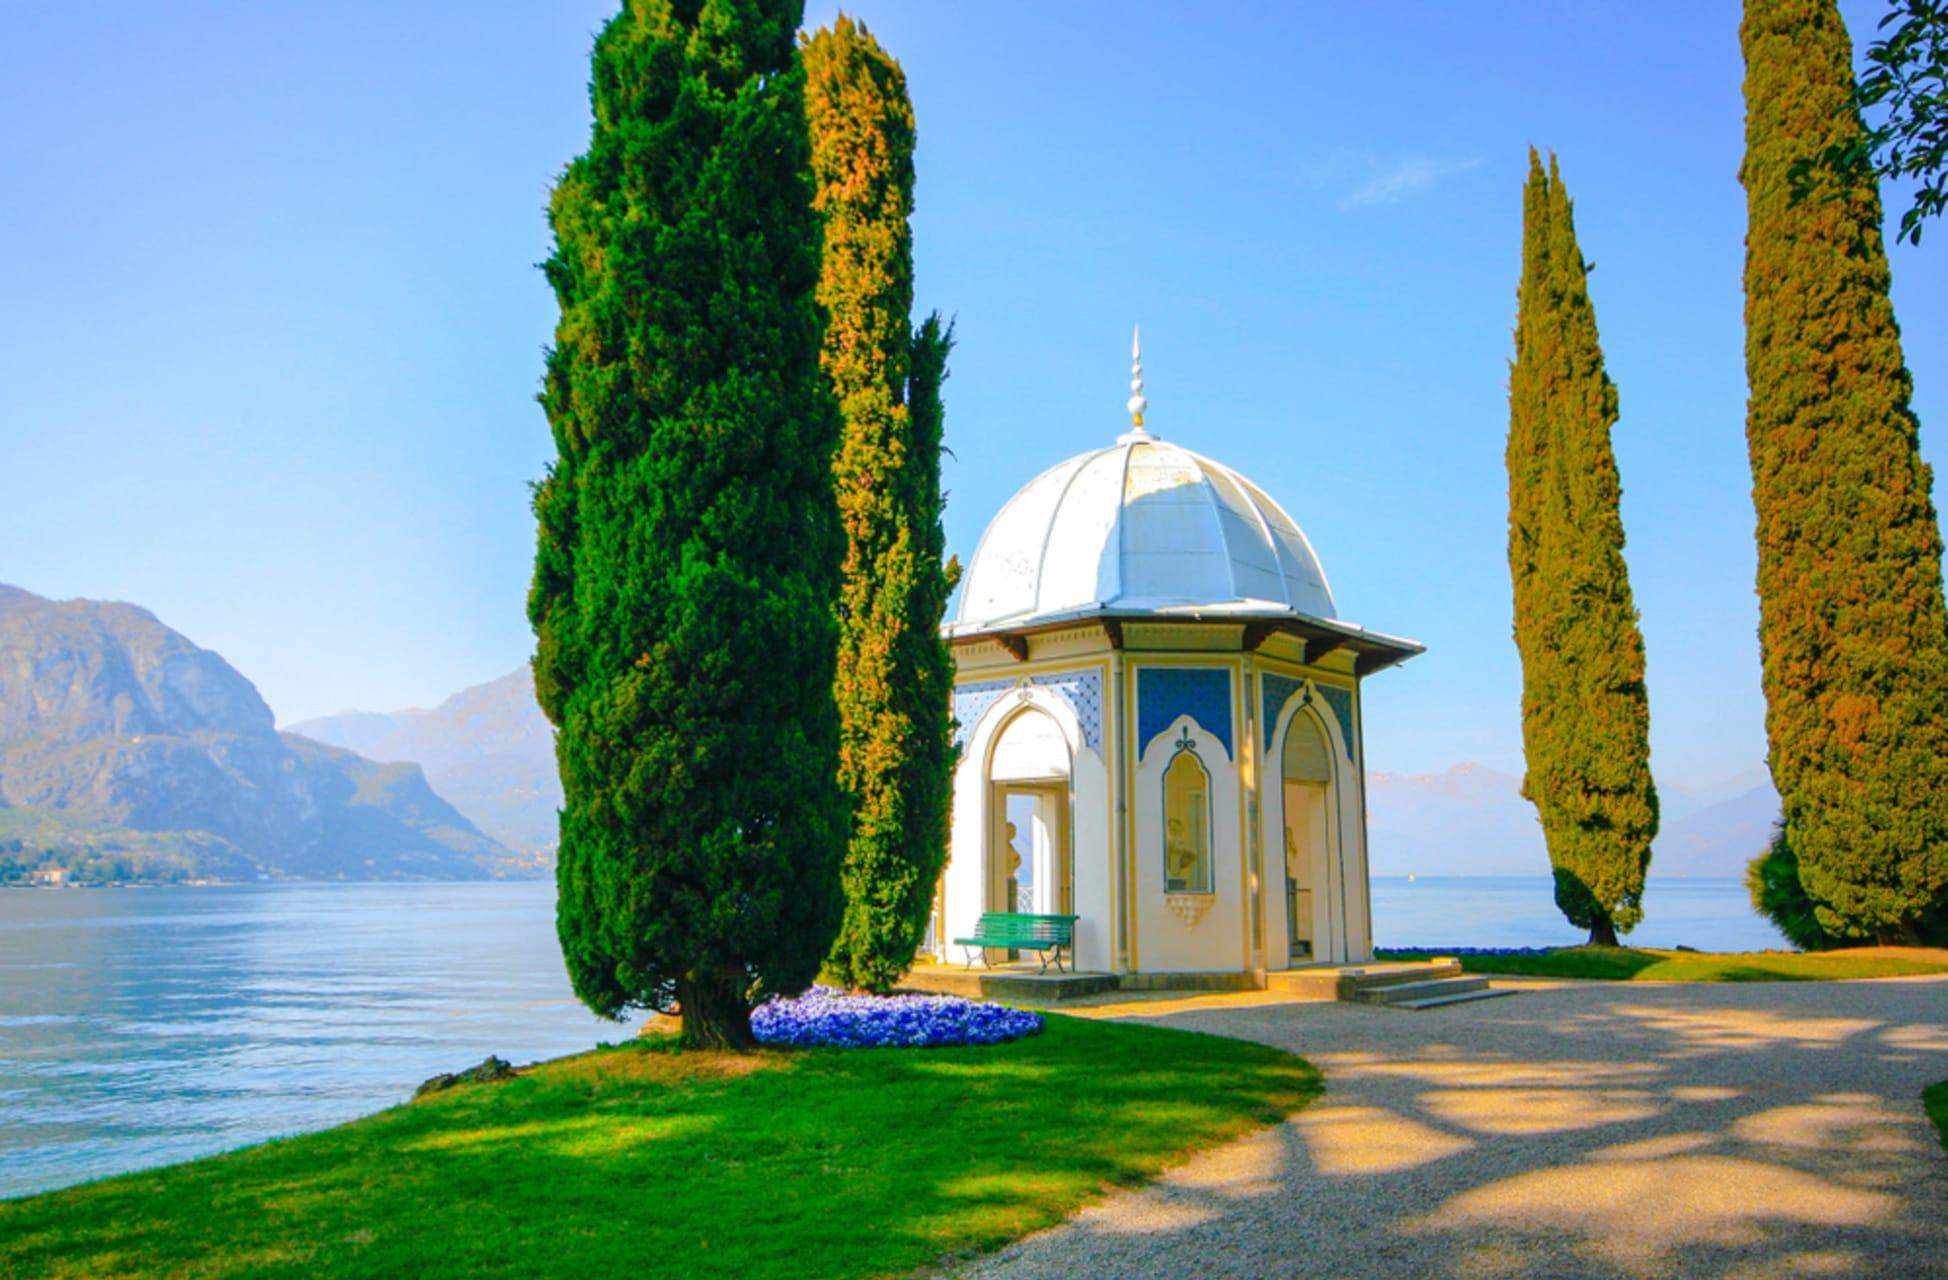 Lake Como - Lake Como - Part 2, Visit of Bellagio